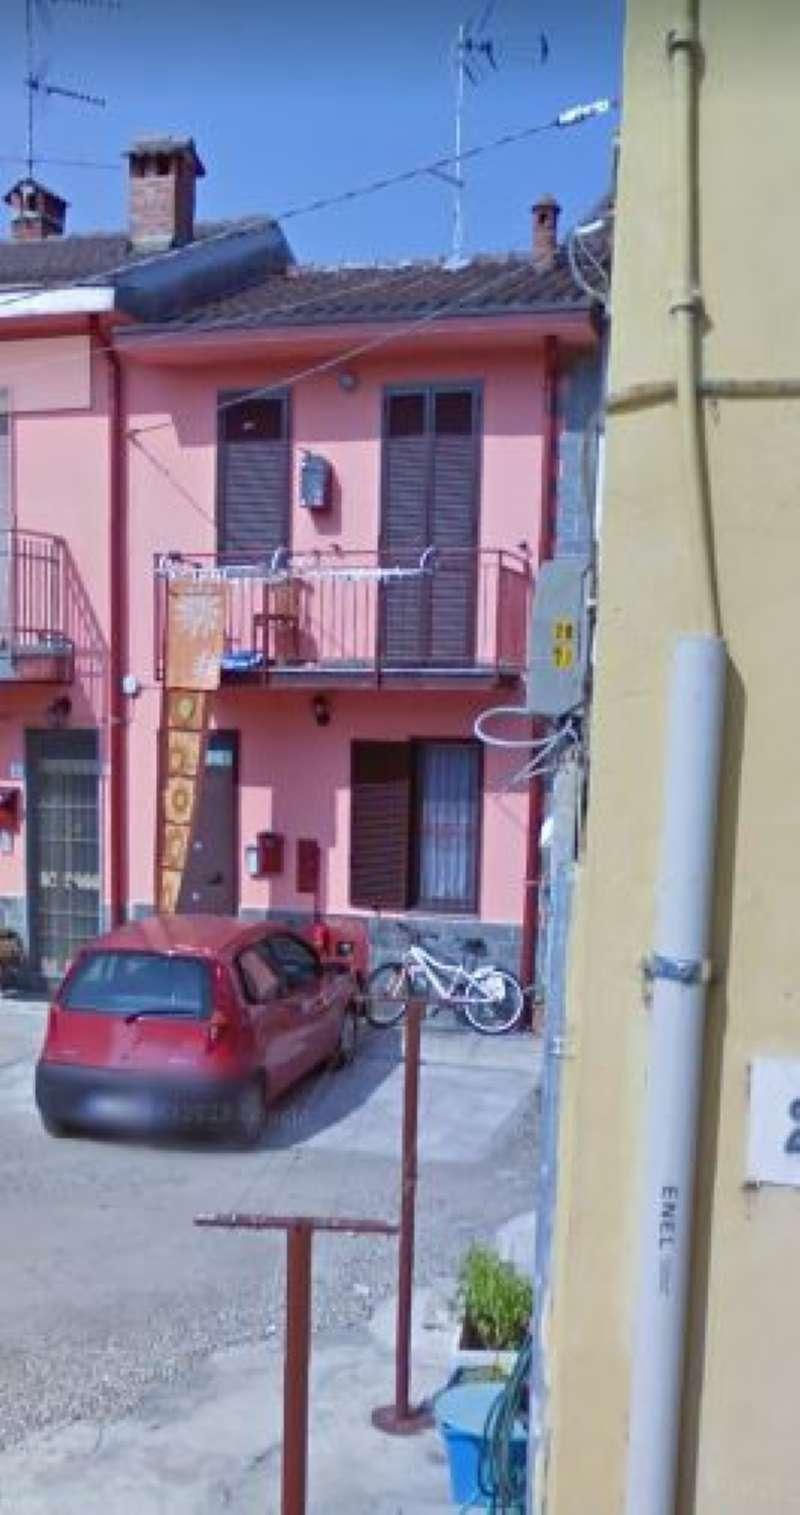 Appartamento in vendita a Lacchiarella, 2 locali, prezzo € 15.000   CambioCasa.it